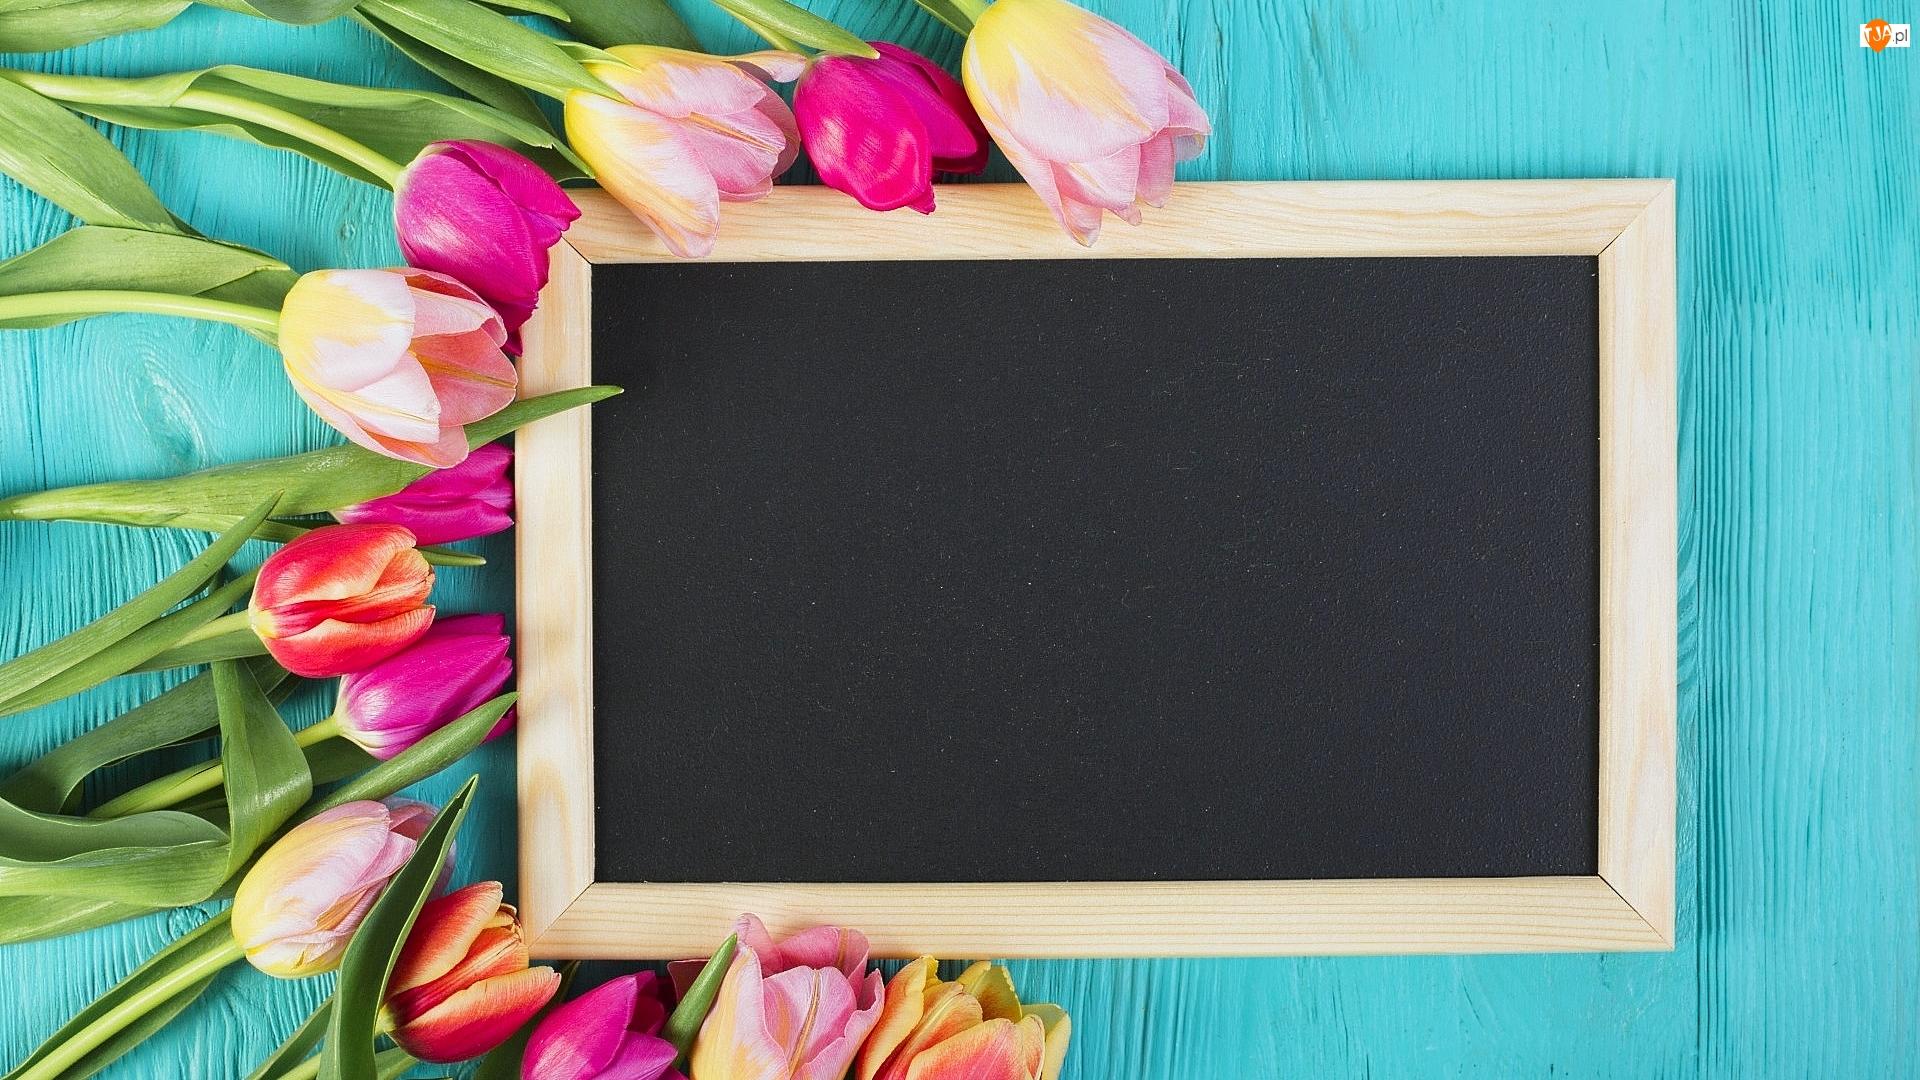 Tabliczka, Deski, Tulipany, Kolorowe, Niebieskie